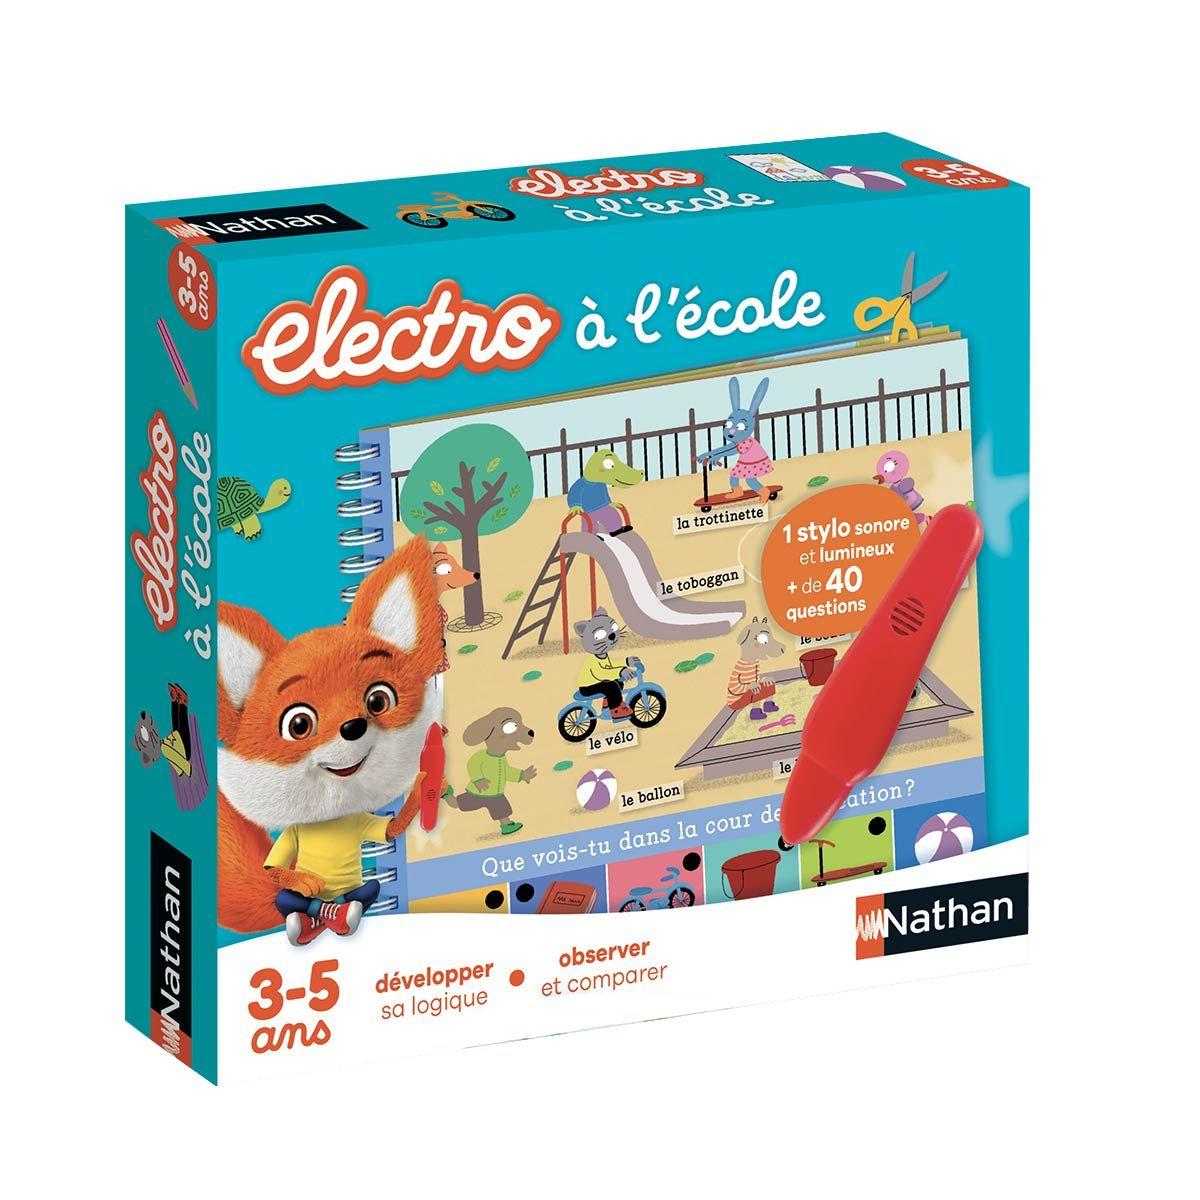 Jeux Pour Garçon De 5 Ans - Primanyc destiné Jeux Pour Enfant De 5 Ans